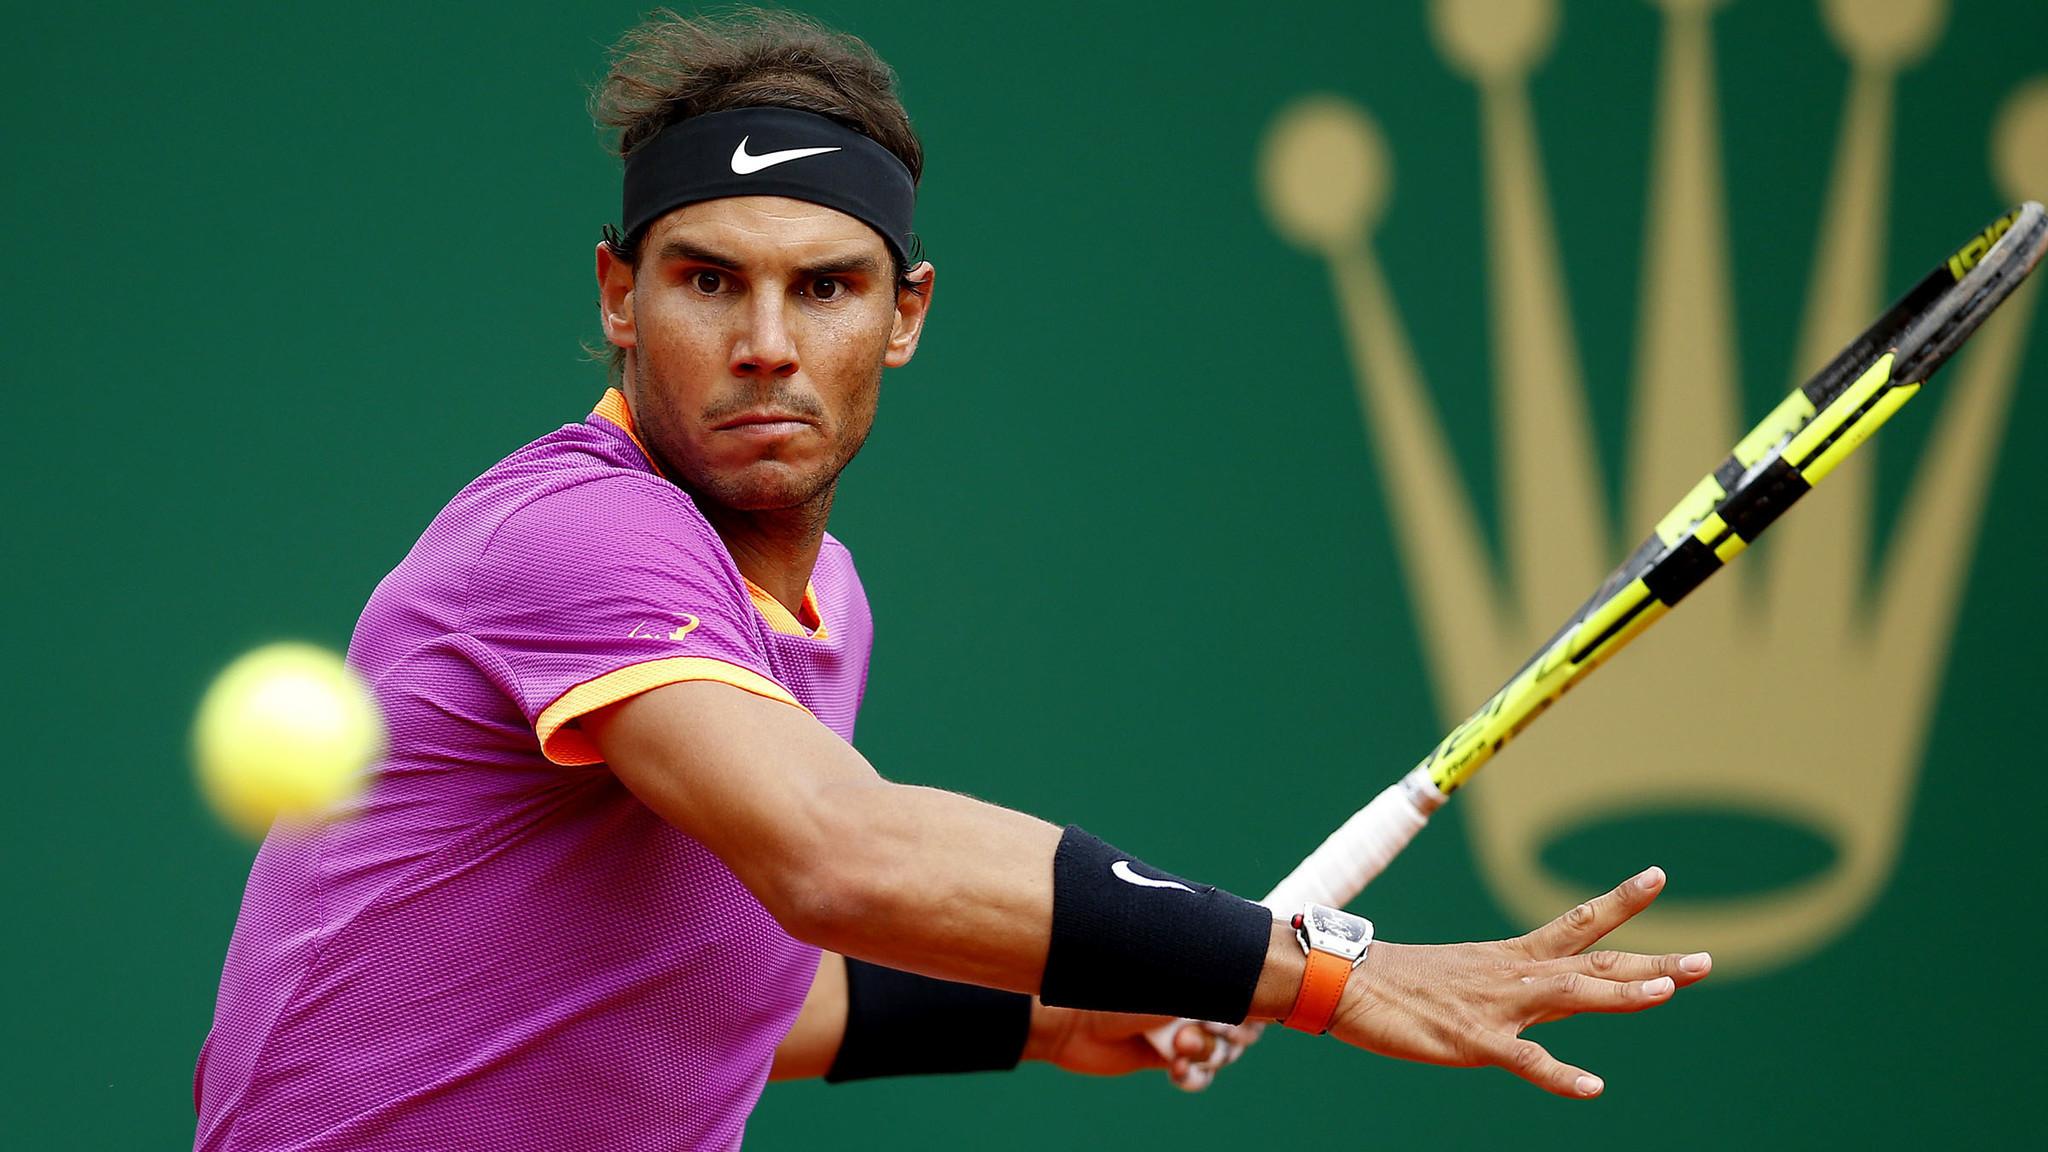 Nadal: Rafael Nadal Wins Unprecedented 10th Monte Carlo Masters